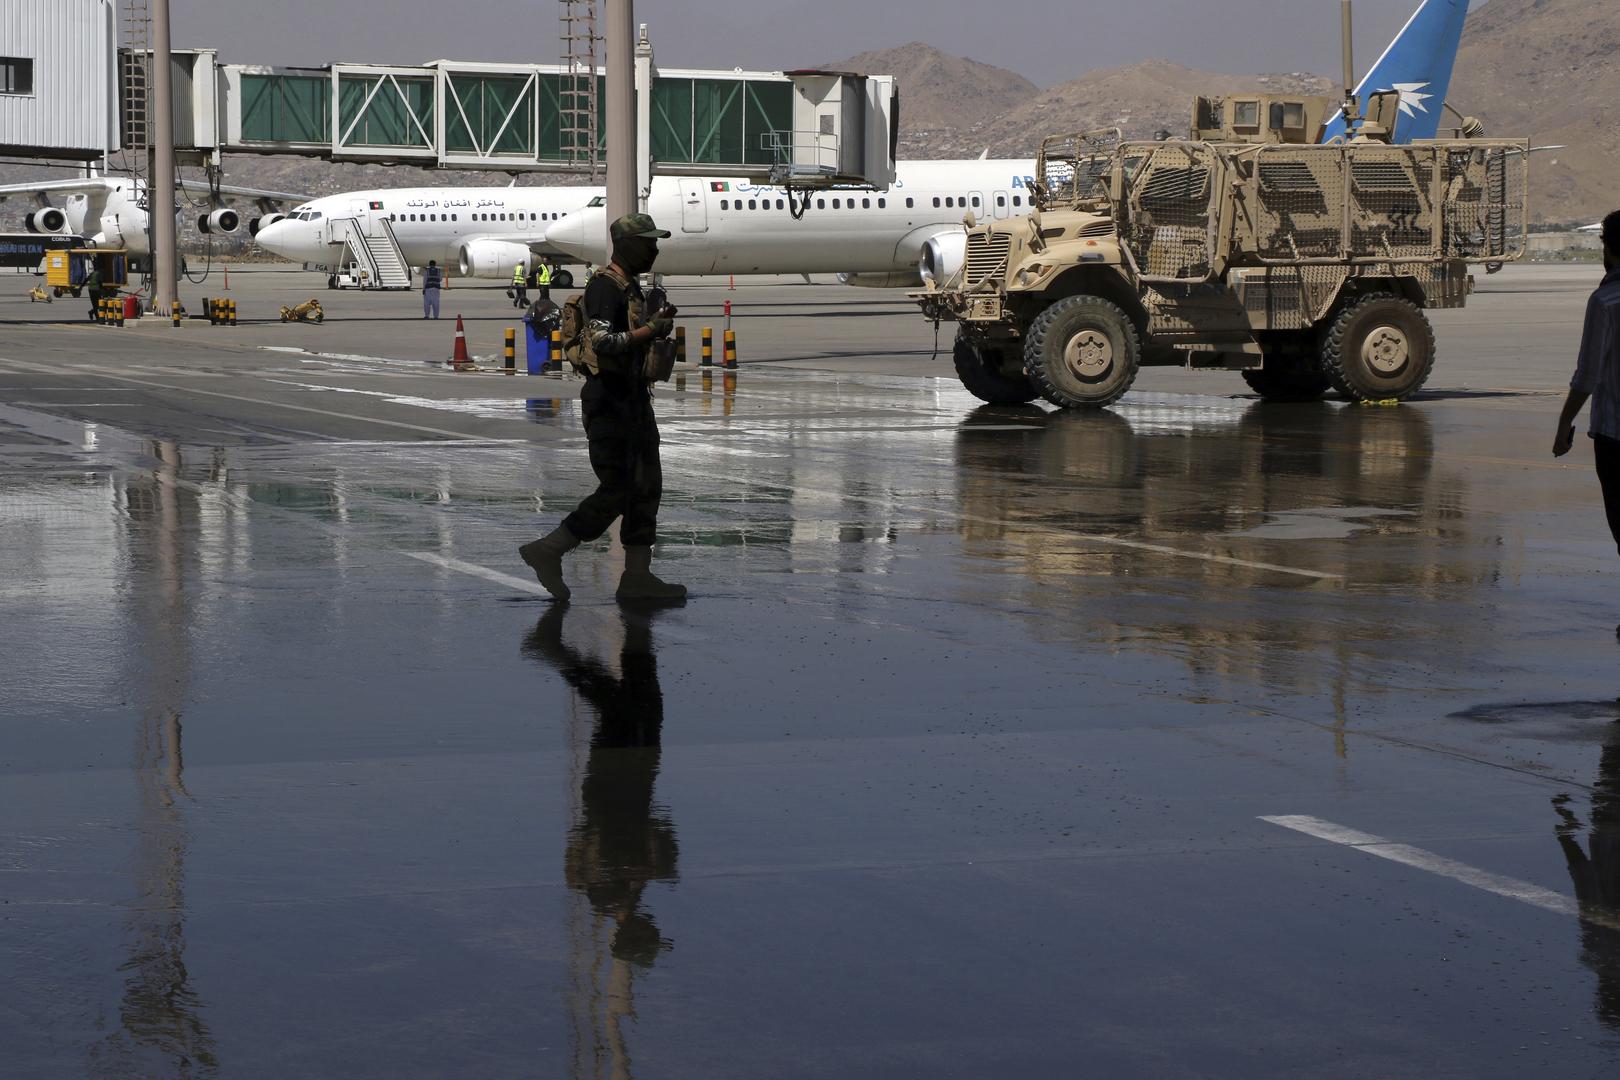 باكستان تسير رحلة تجارية من إسلام آباد إلى كابل